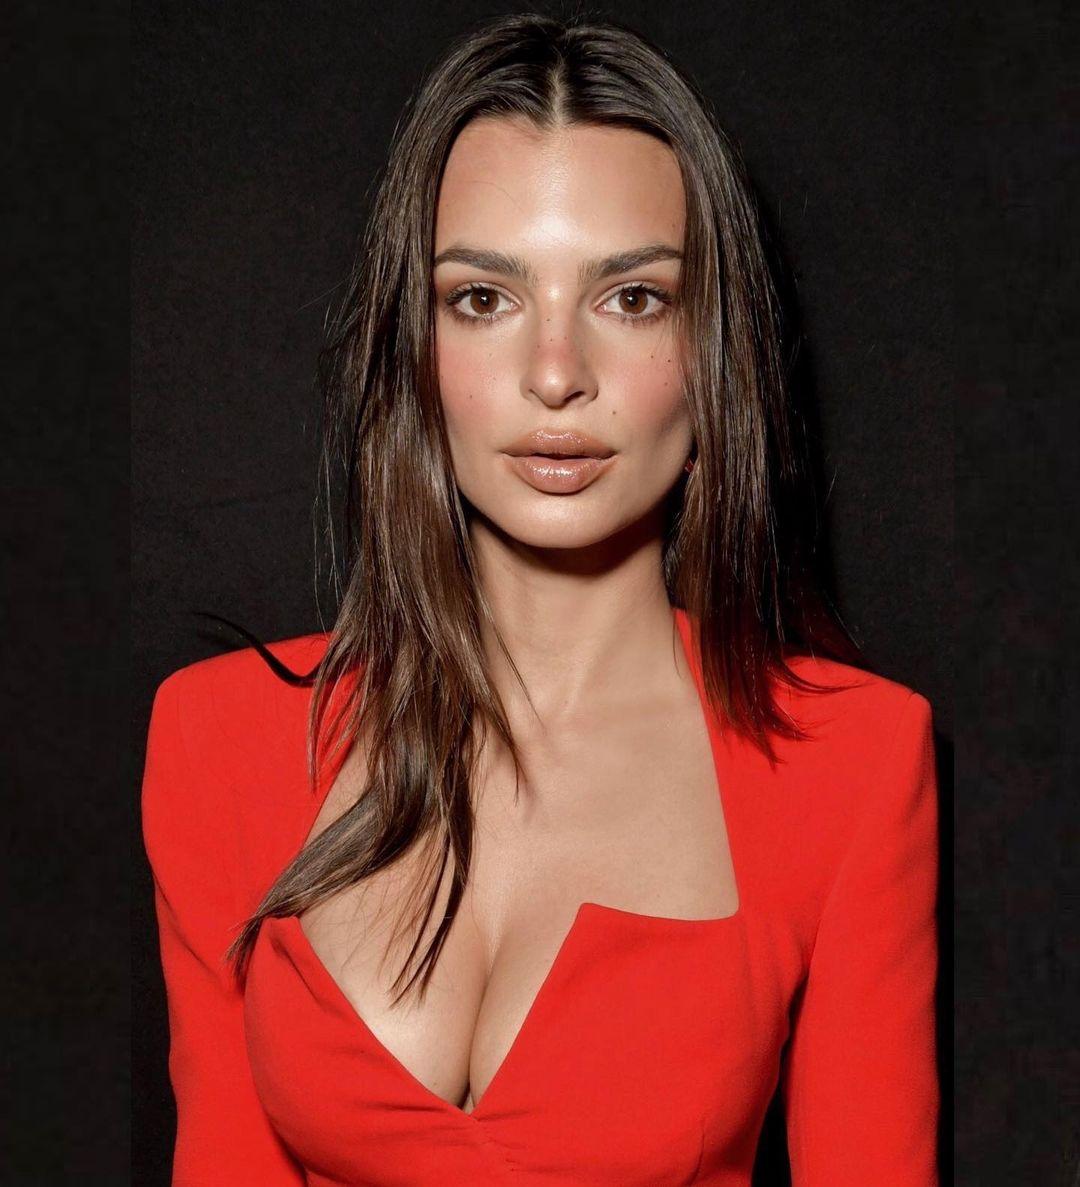 Occhi marroni: i make-up look da copiare